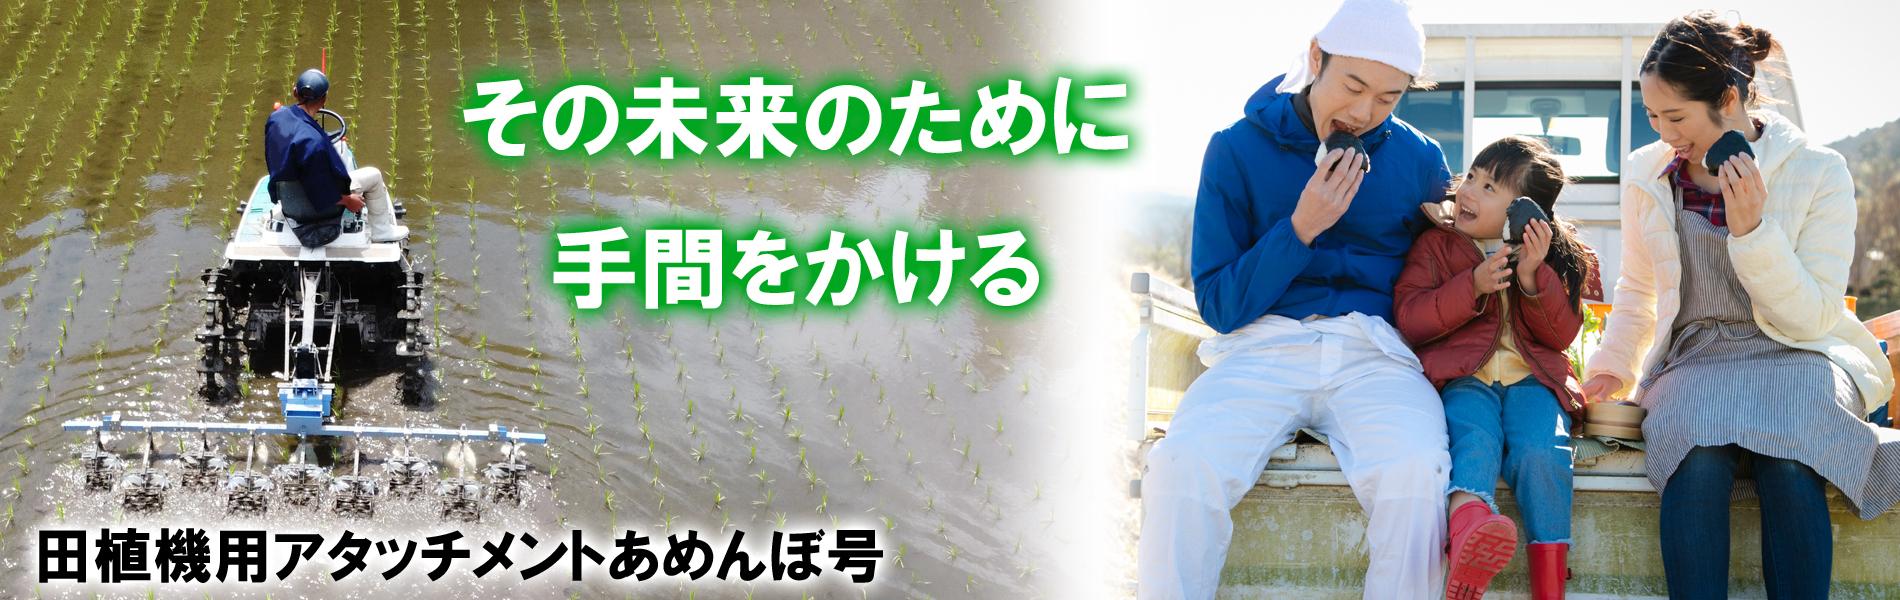 田植機用アタッチメントあめんぼ号SPW